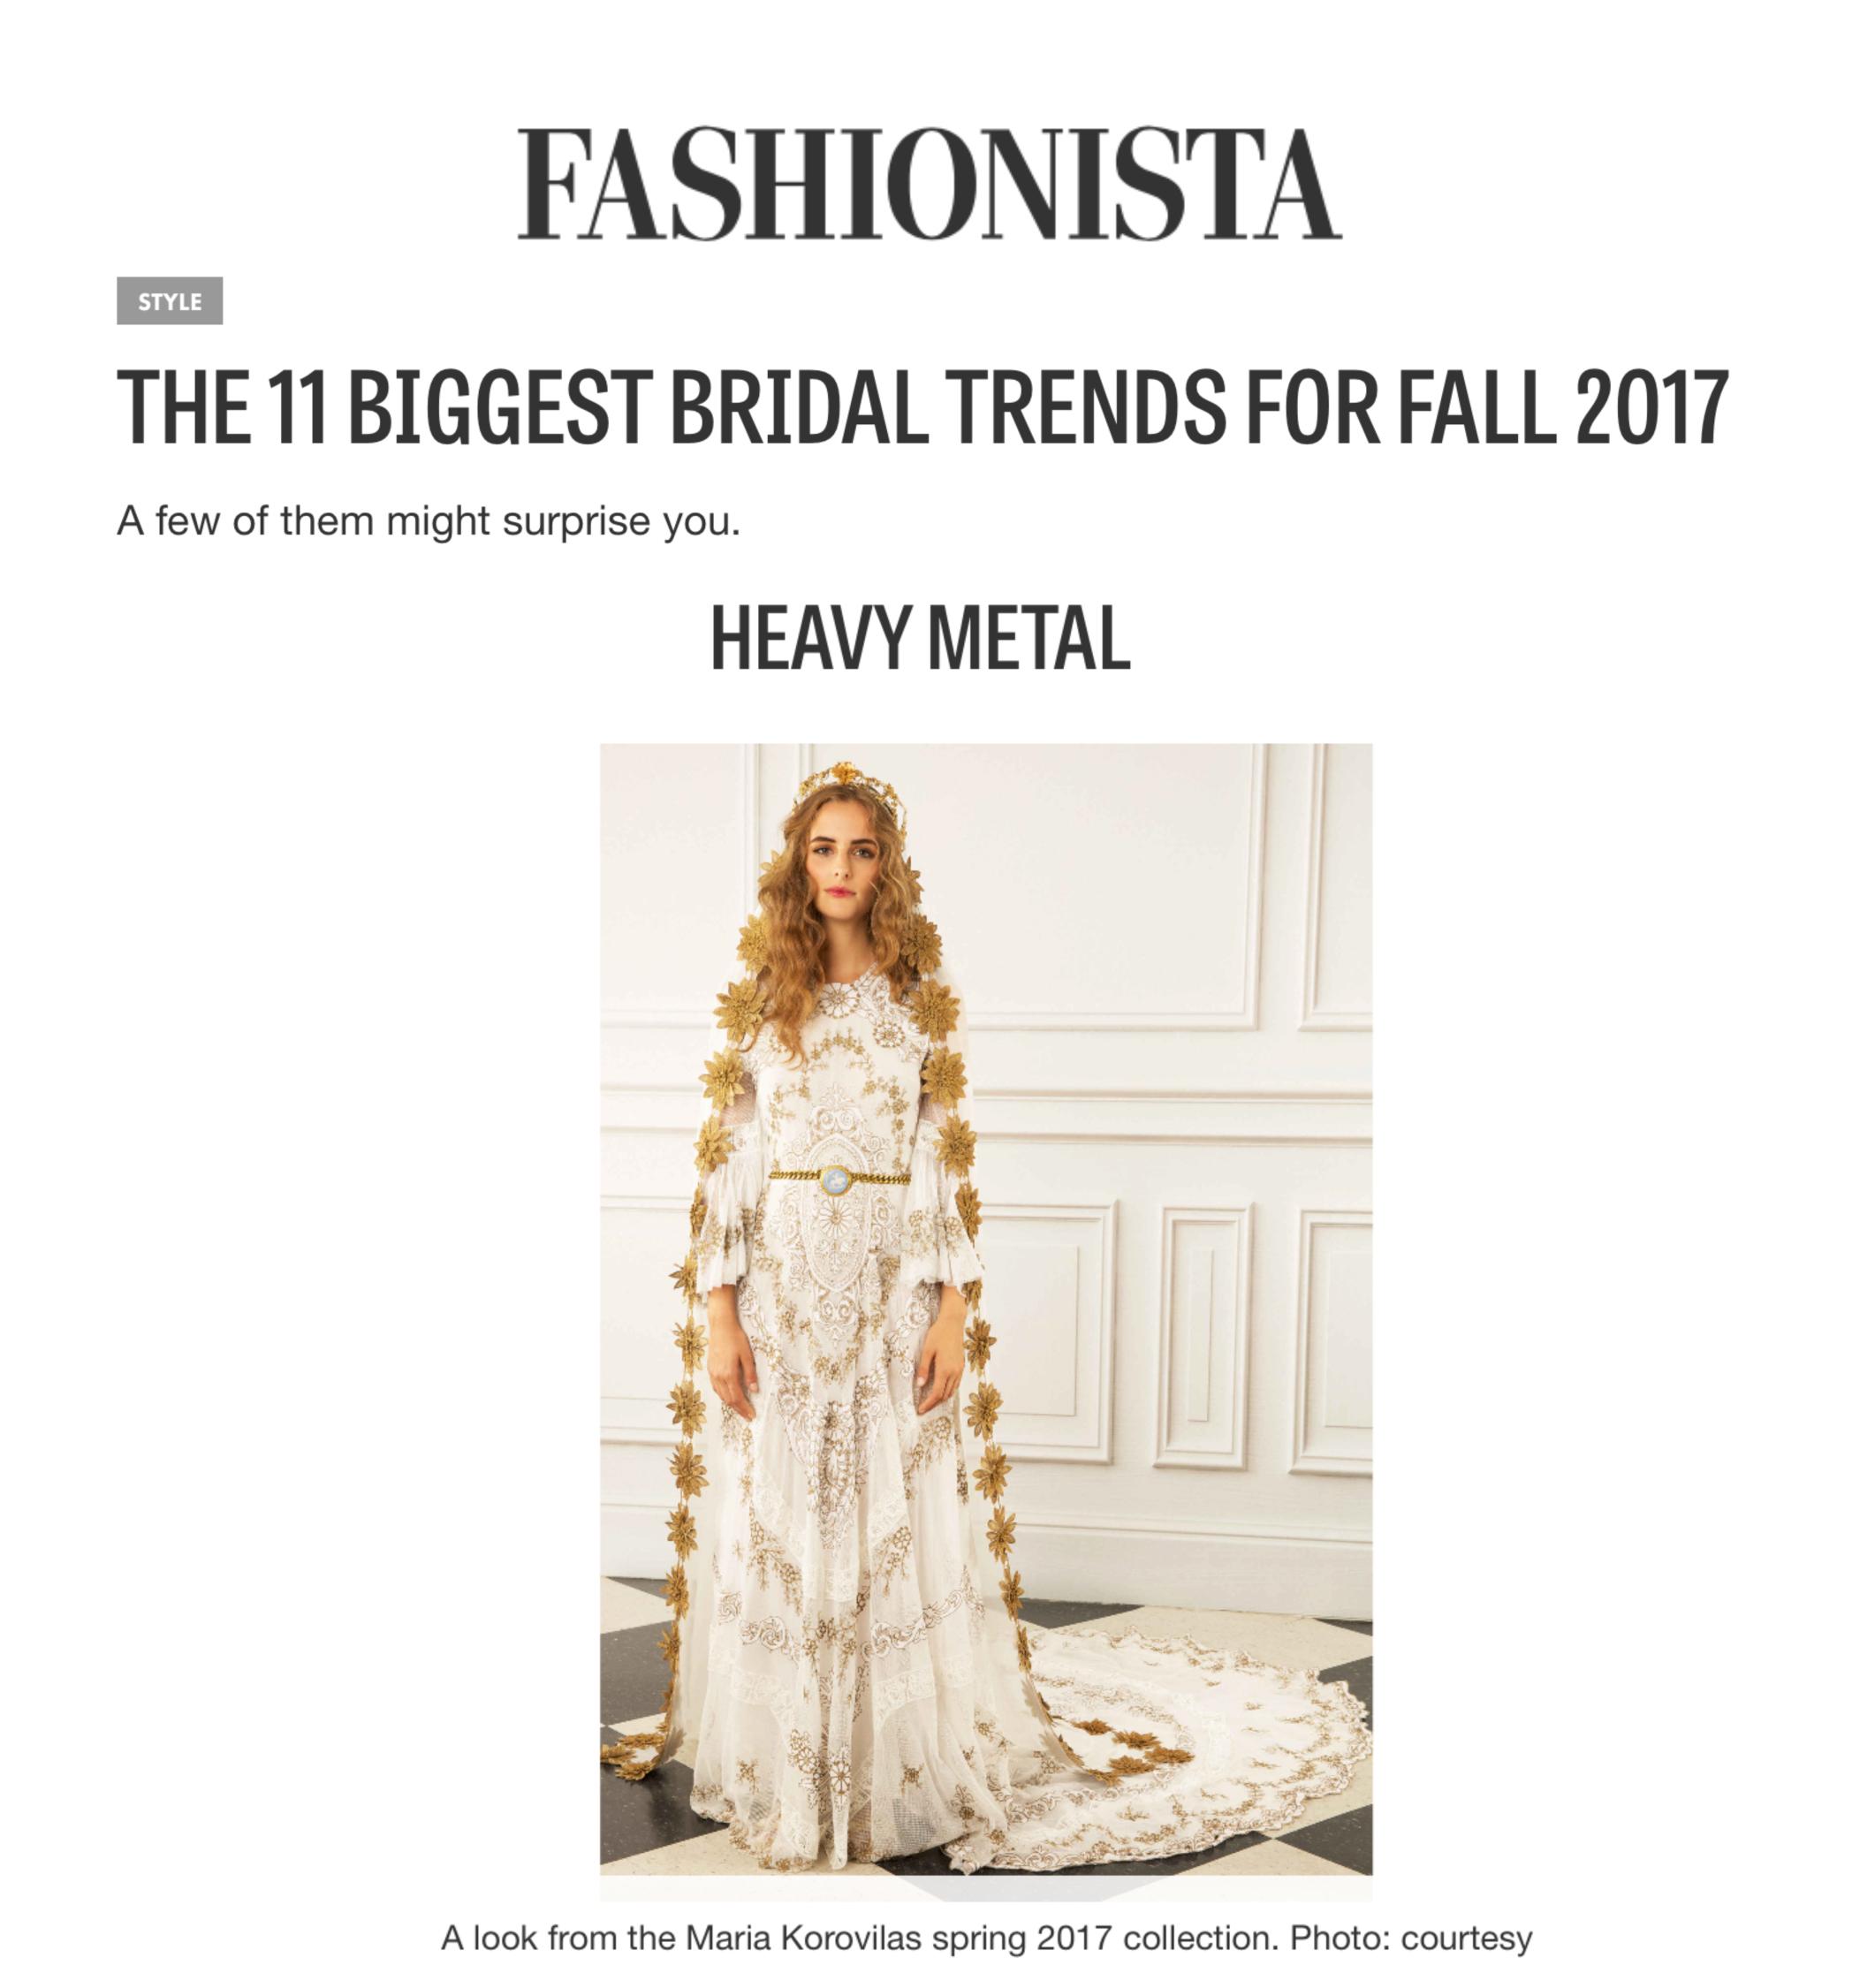 Fashionista, December 2016